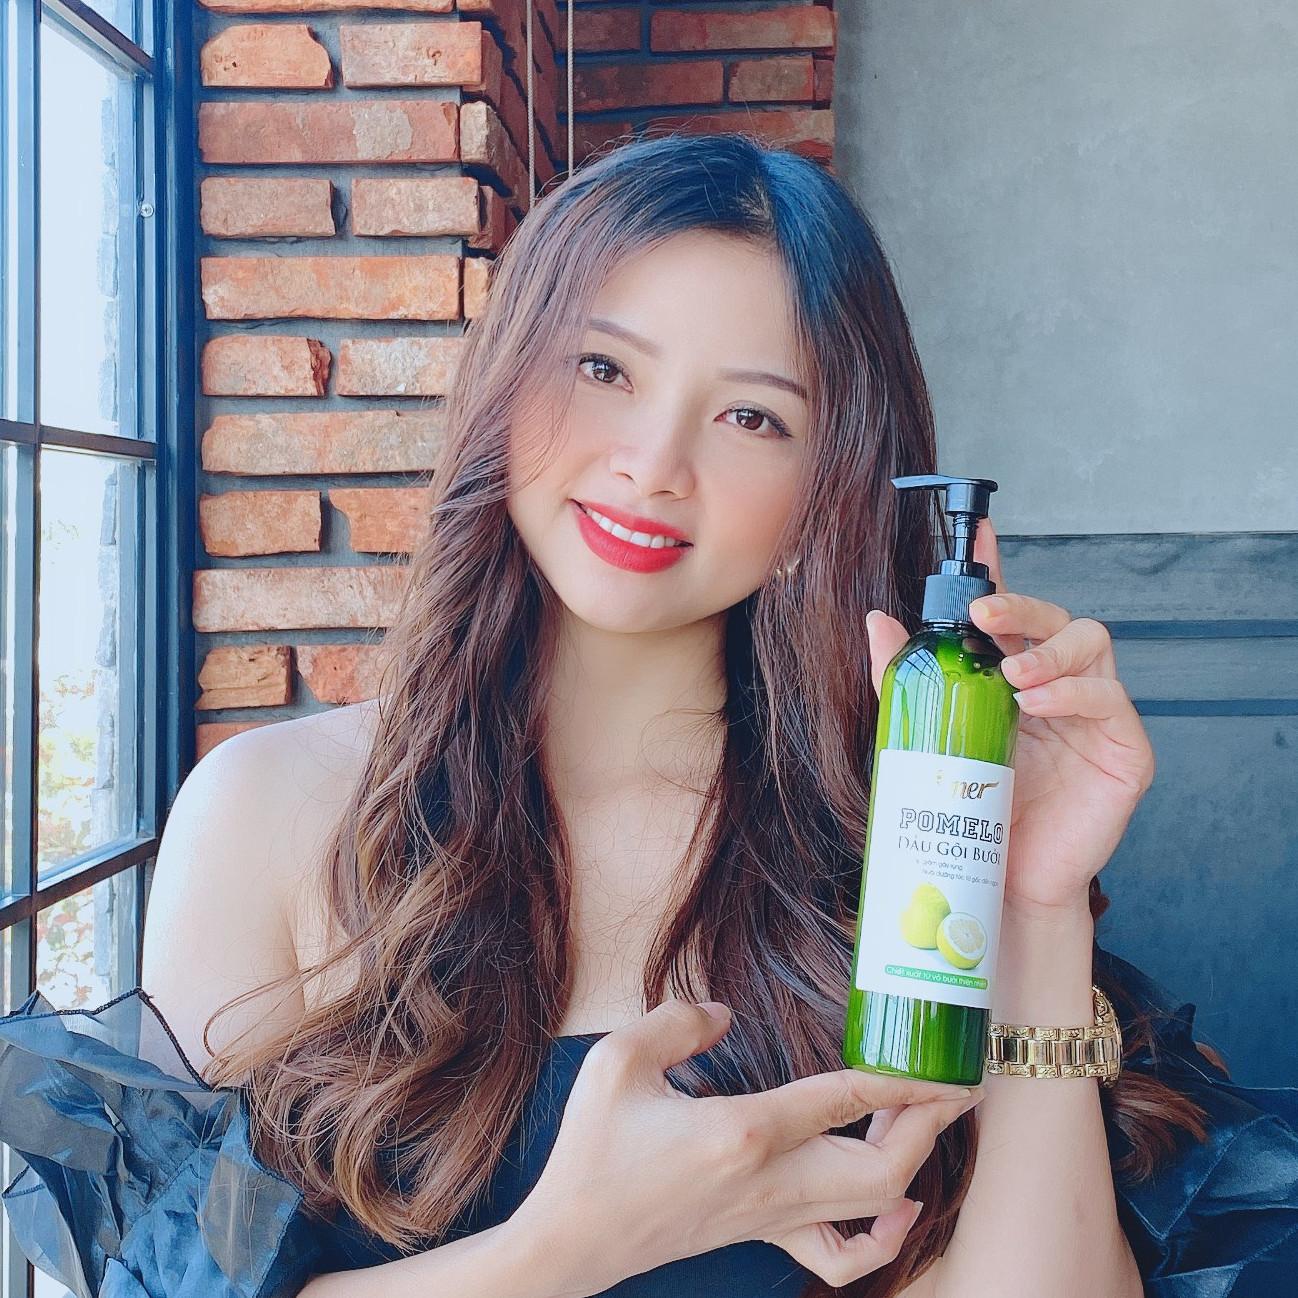 Bộ 2 chai Dầu gội bưởi giảm rụng tóc Pomelo (300ml x 2) giúp kích thích mọc tóc con, cho tóc mọc nhanh hơn gấp 2 đến 3 lần